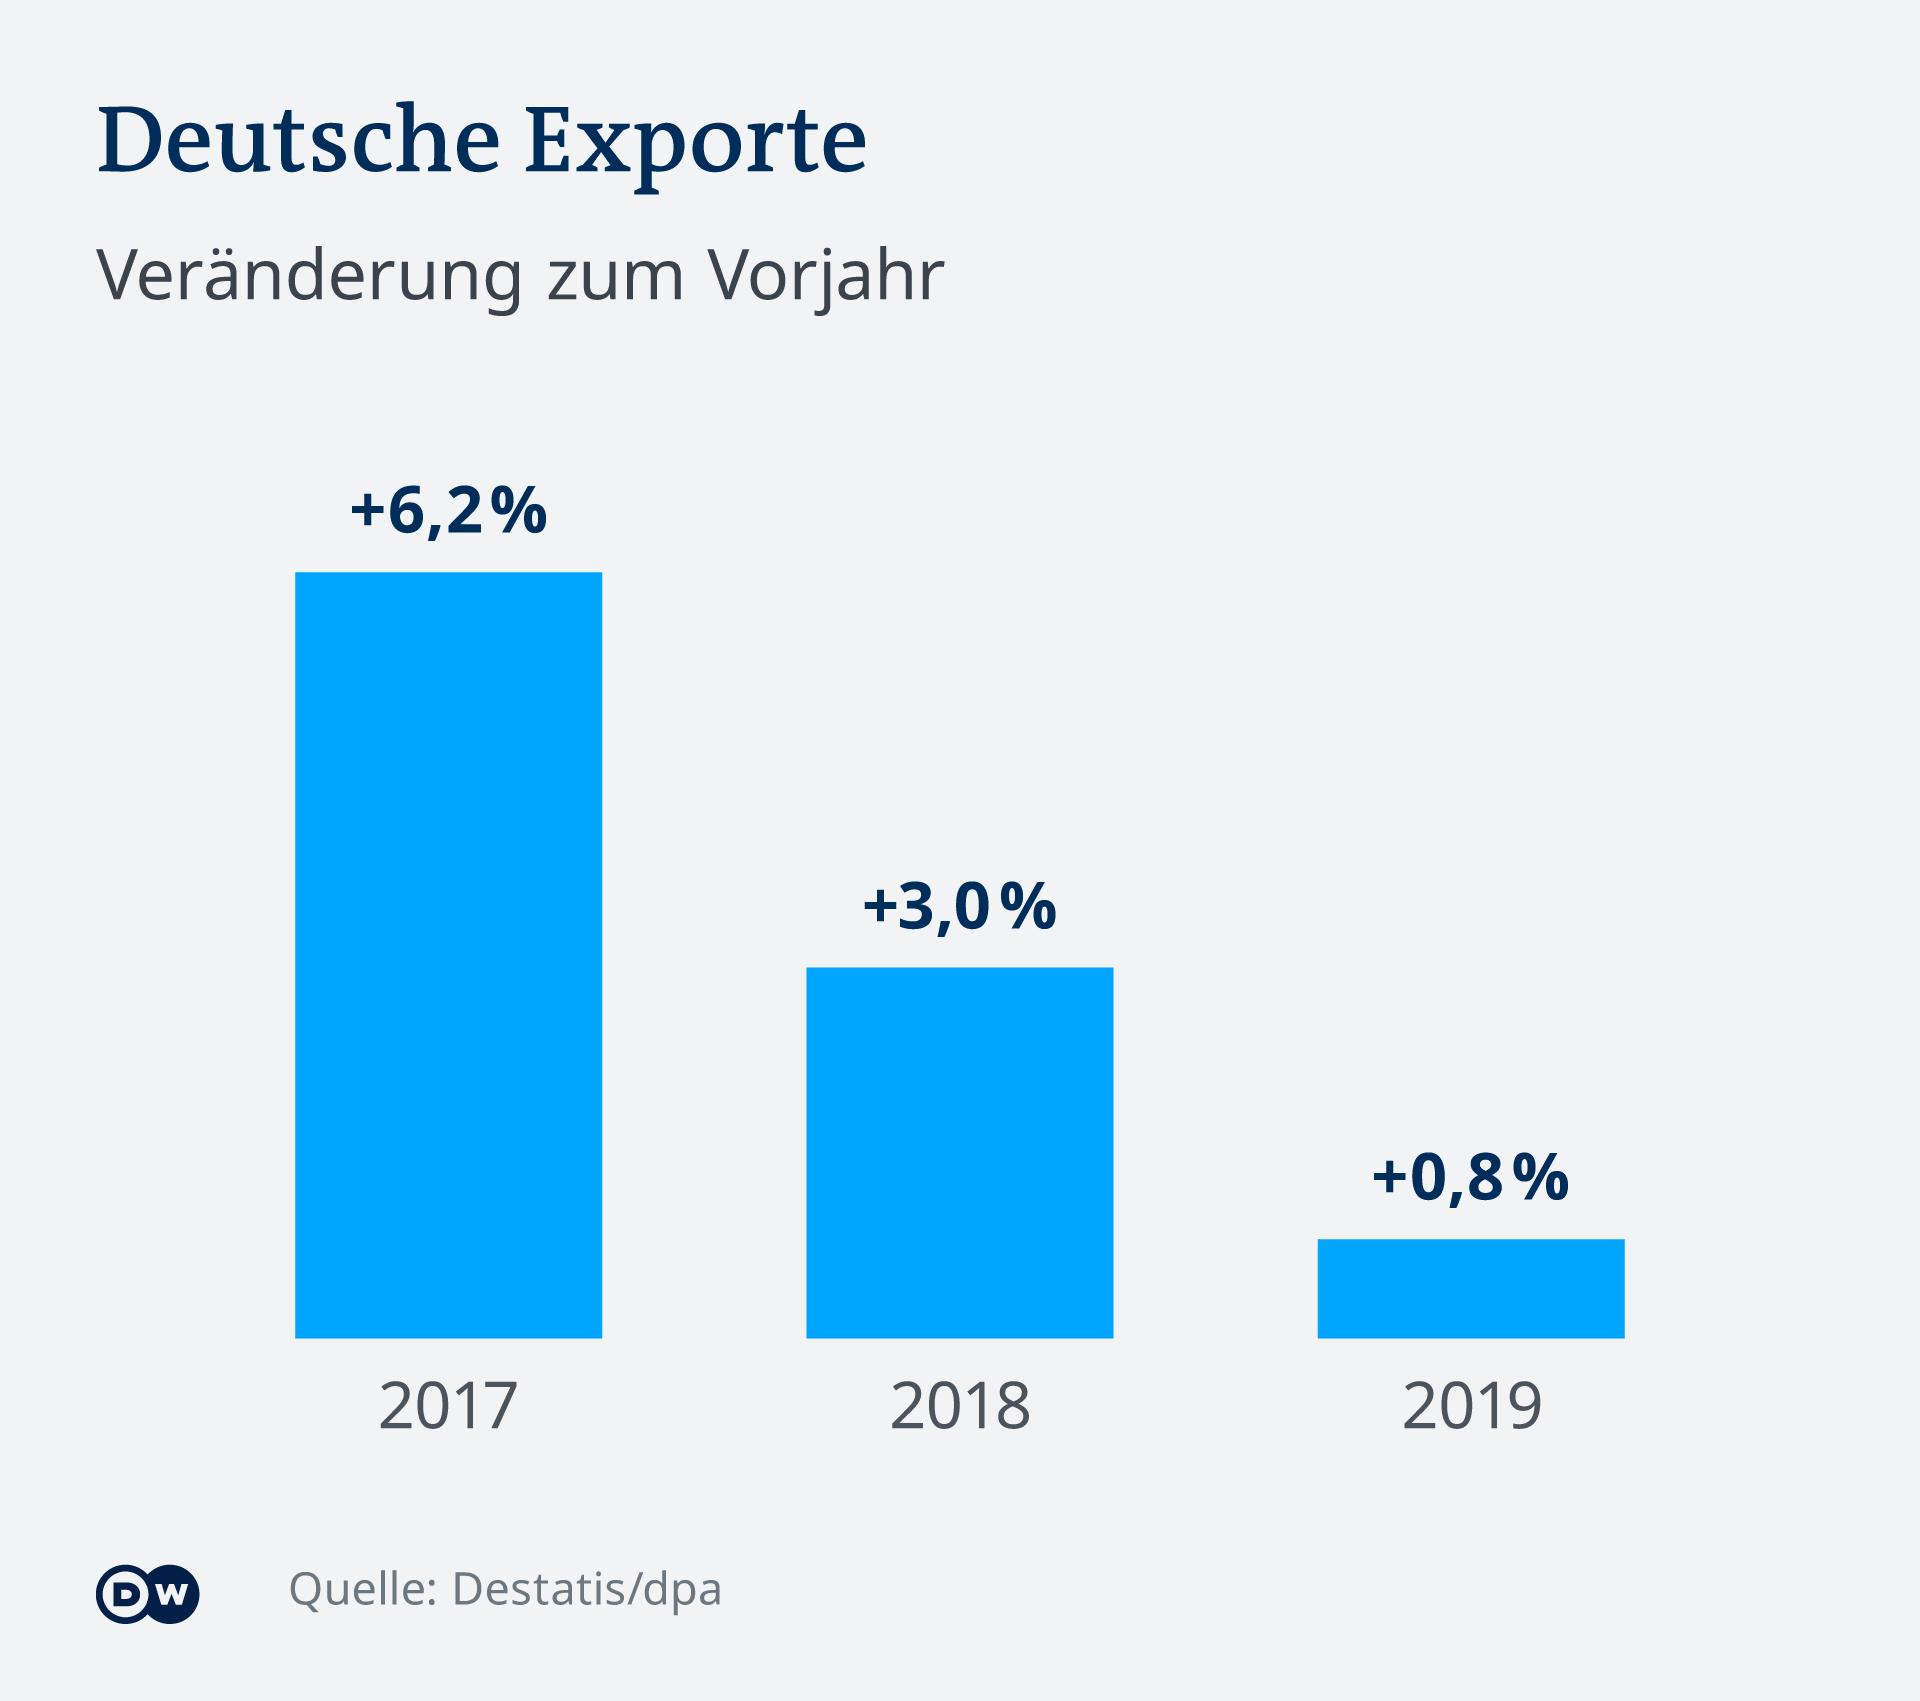 Rast njemačkog izvoza u odnosu na godinu ranije